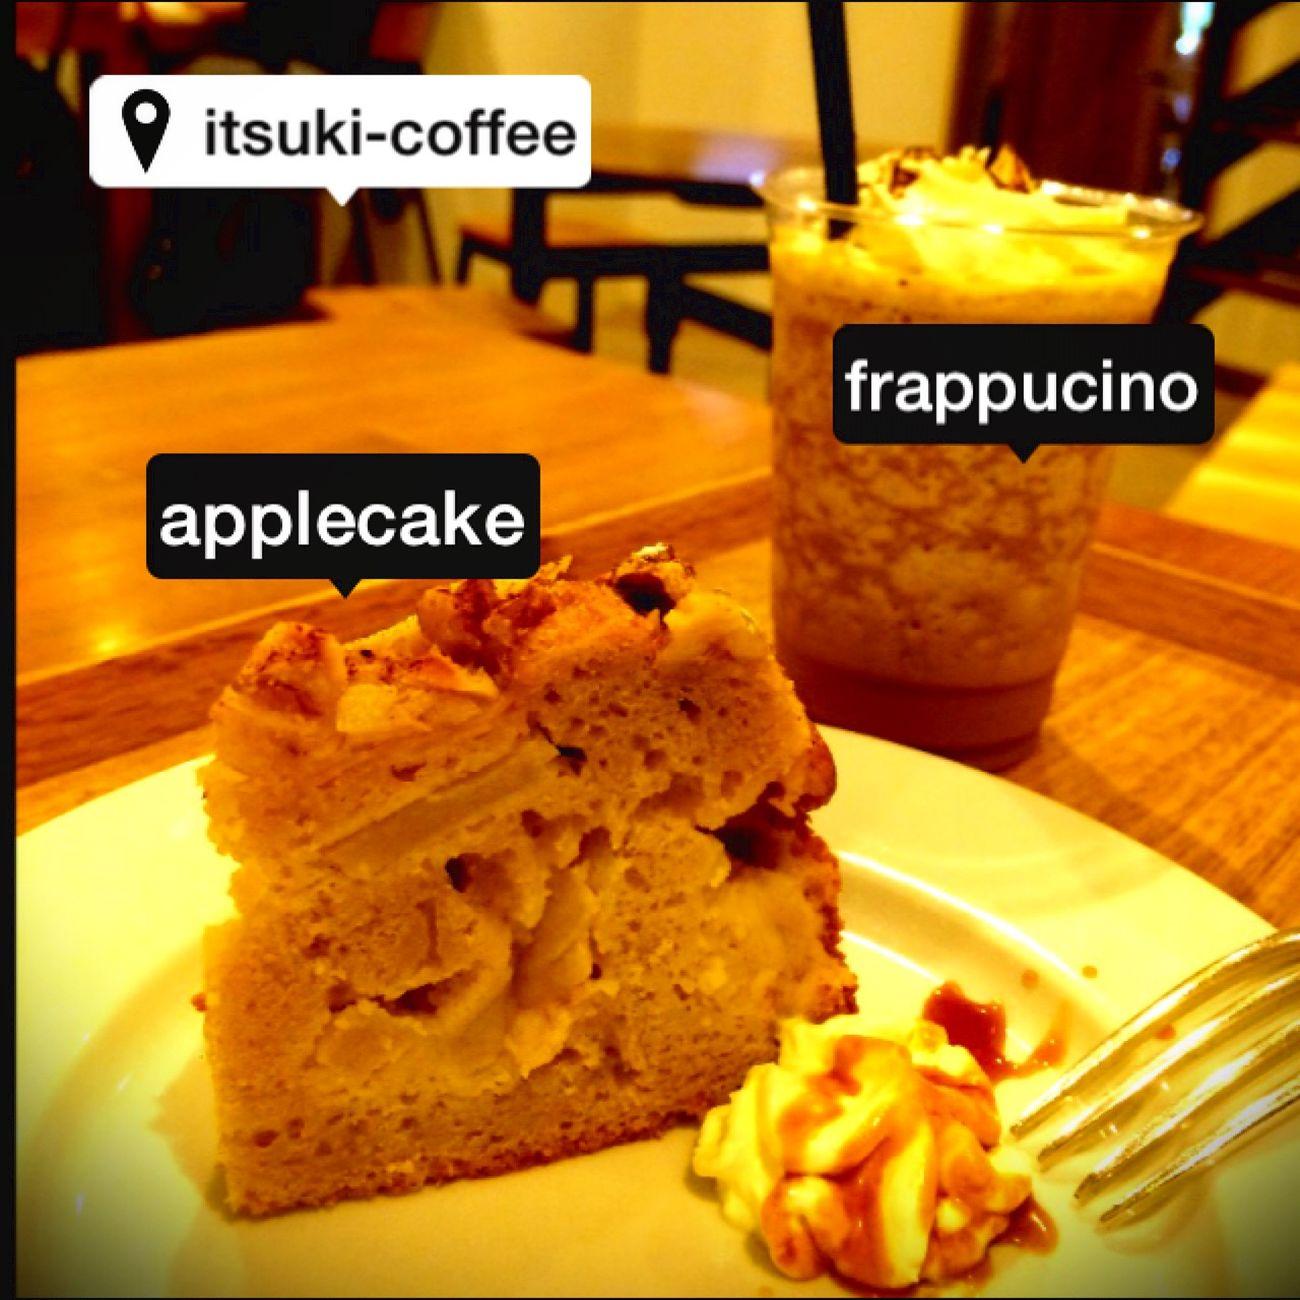 Cafe Cake Frappucino Cafe Time 宮島人気カフェ伊都岐珈琲